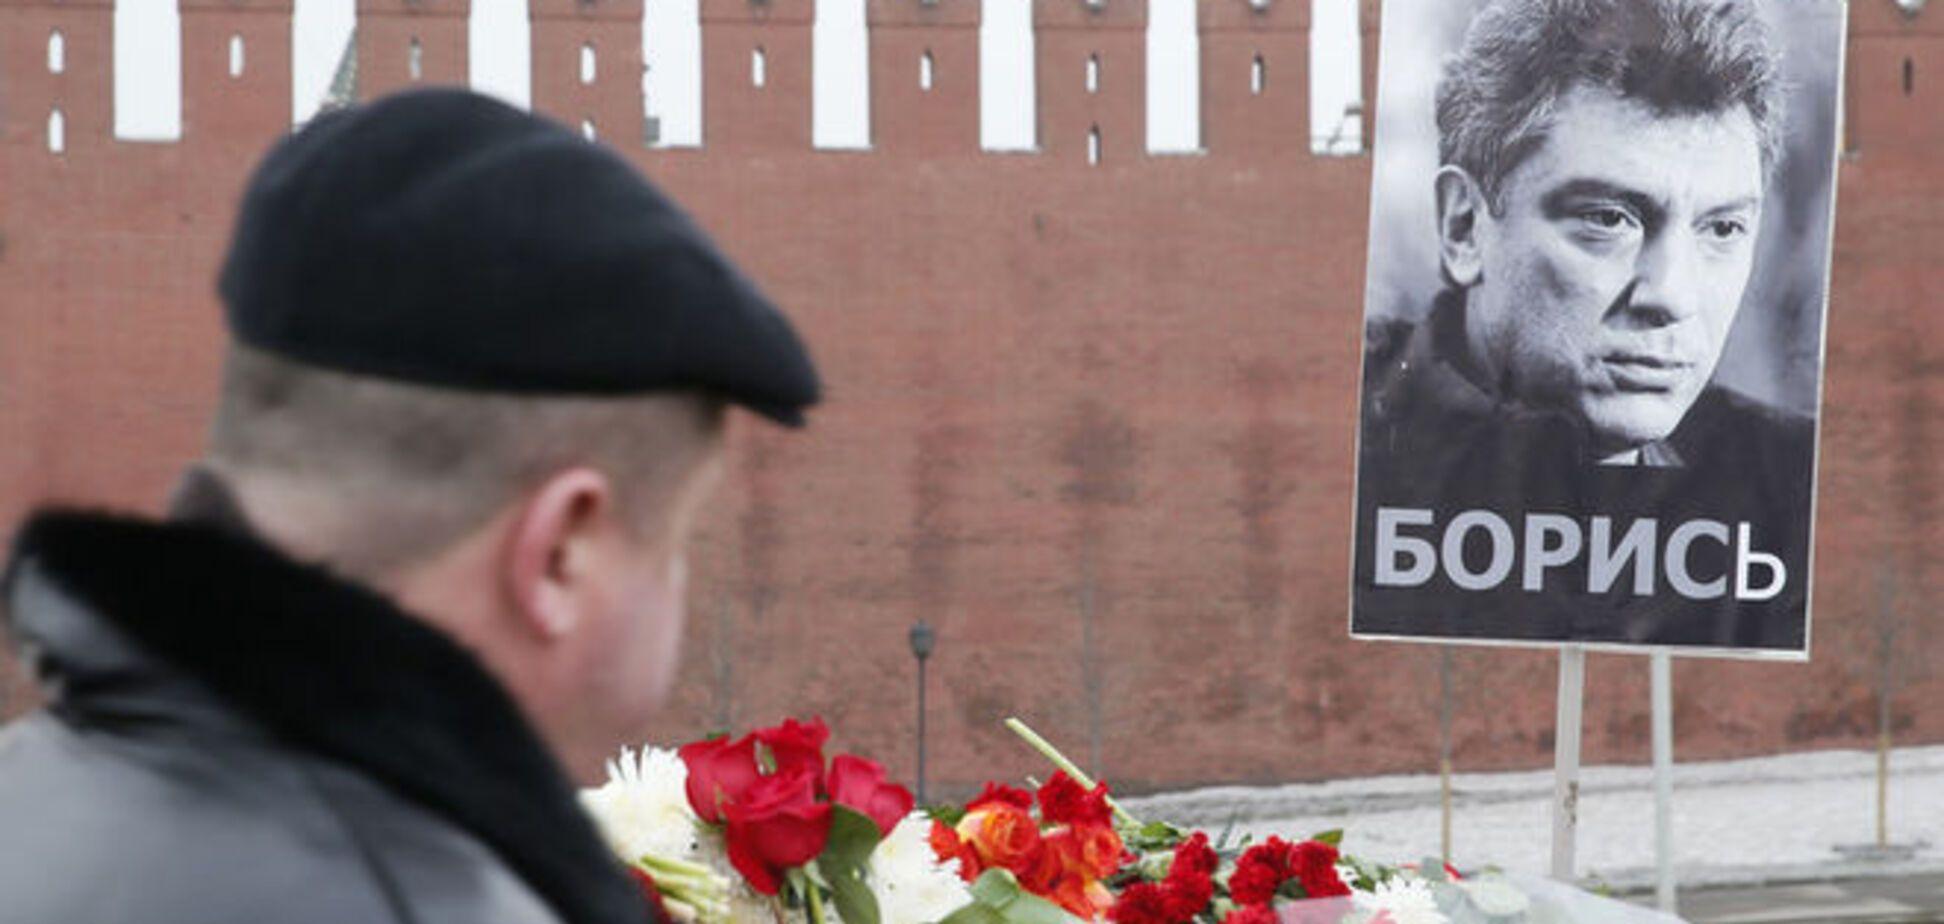 Задержание возможных убийц Немцова: сомнения адвоката, скепсис соратников и ирония в соцсетях